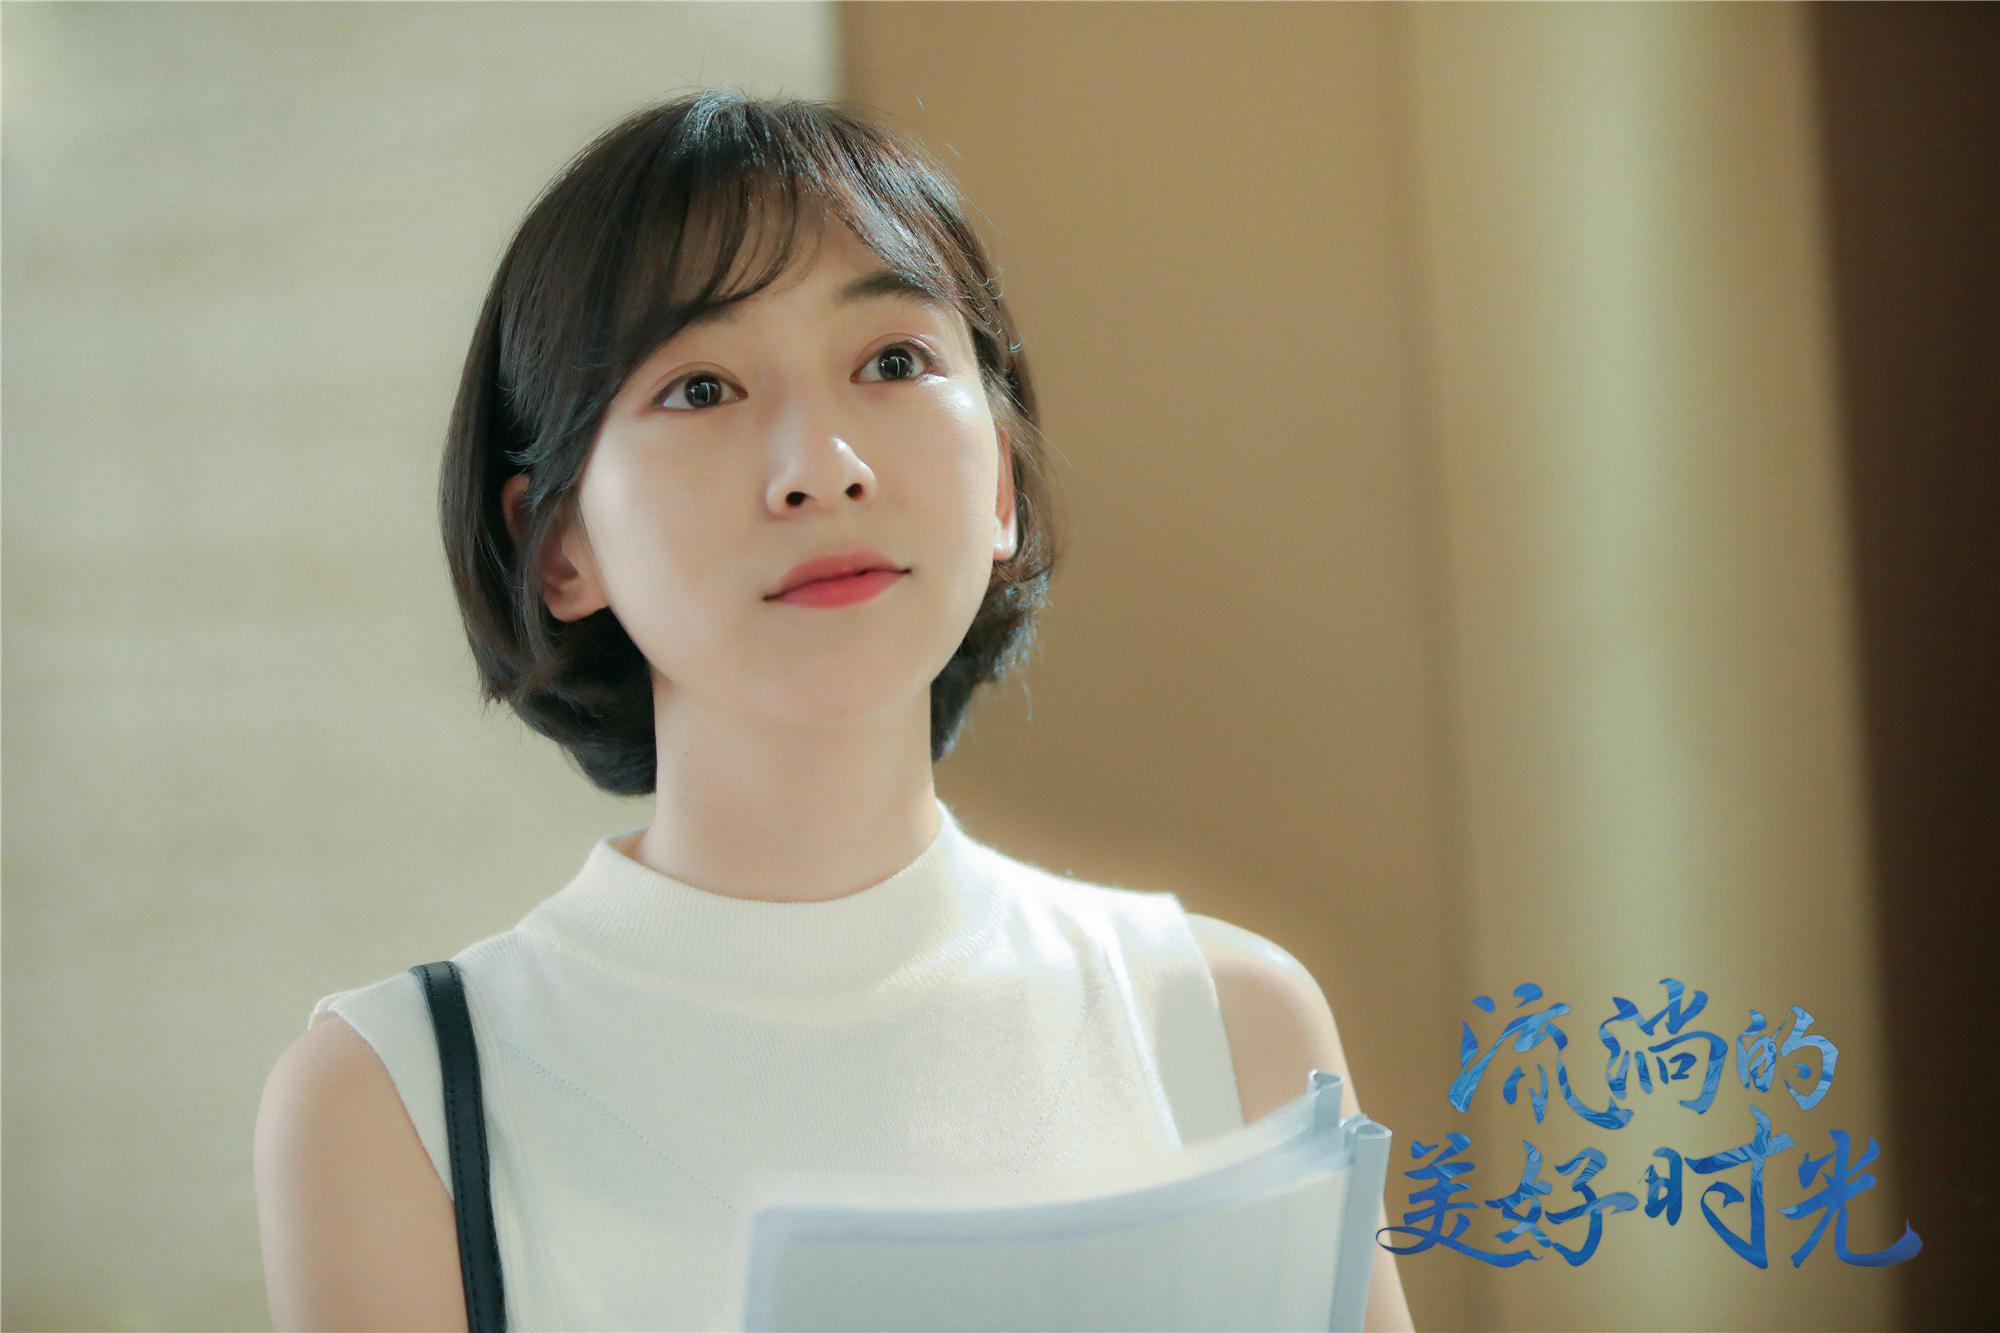 《流淌的美好时光》剧情反转再进高能 马天宇郑爽虐心预警